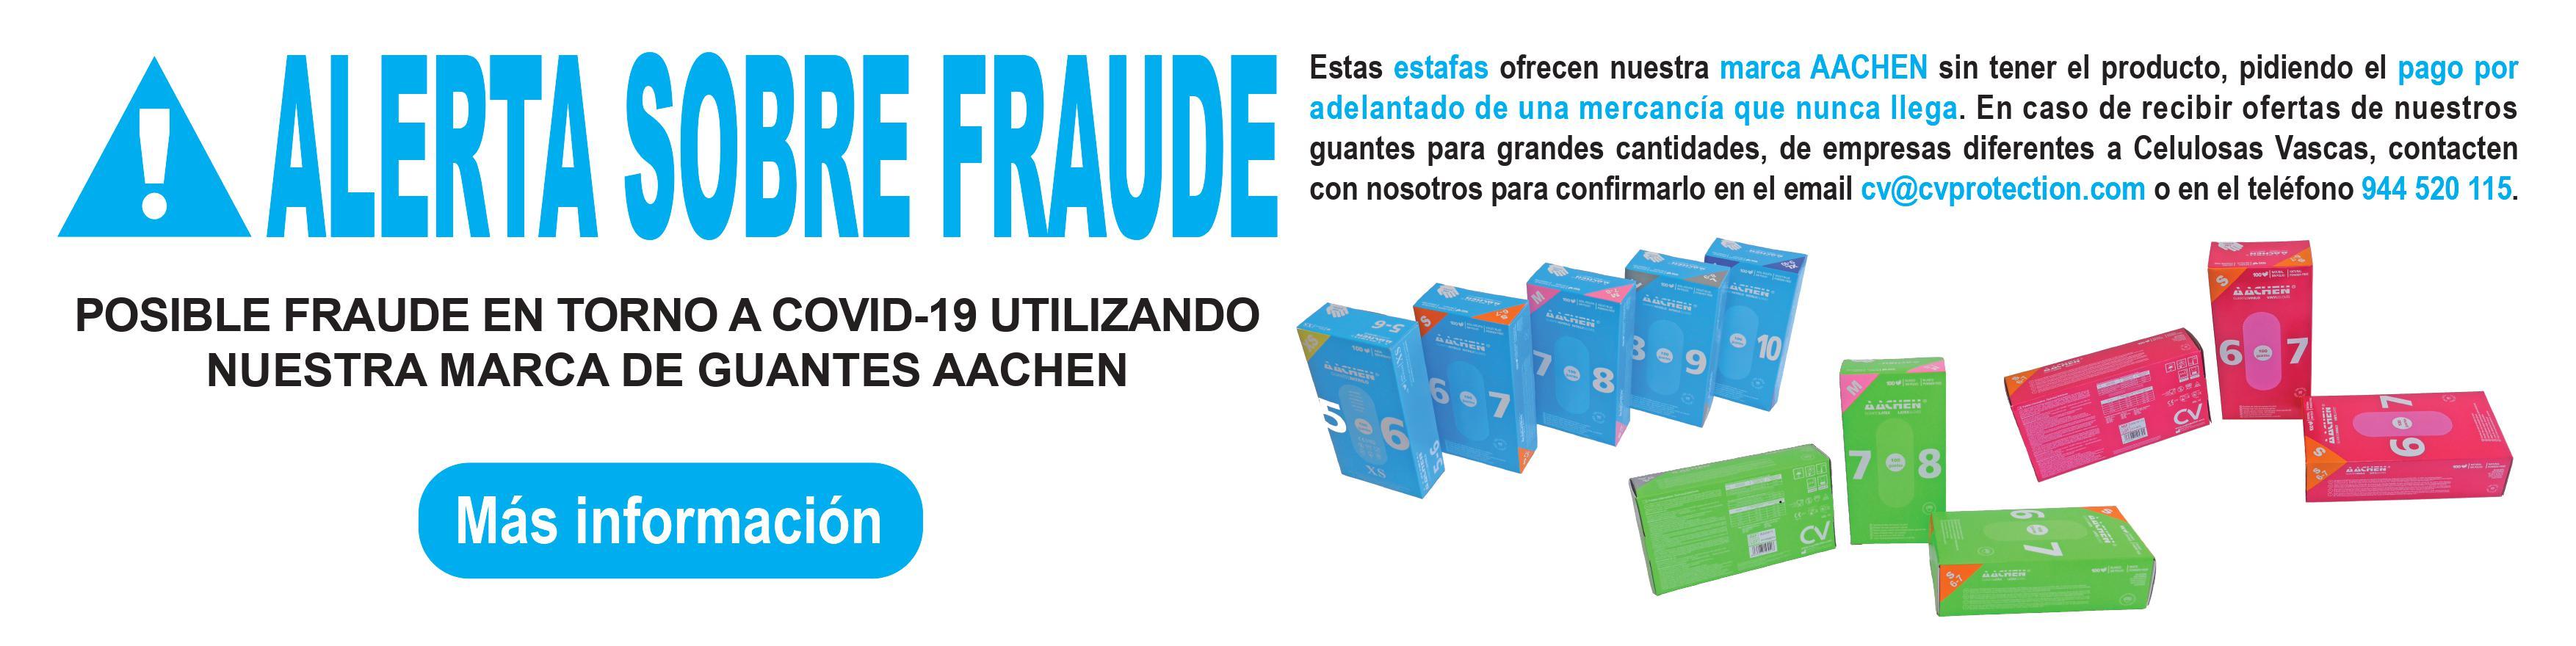 alerta sobre posible fraude utilizando marca guantes aachen